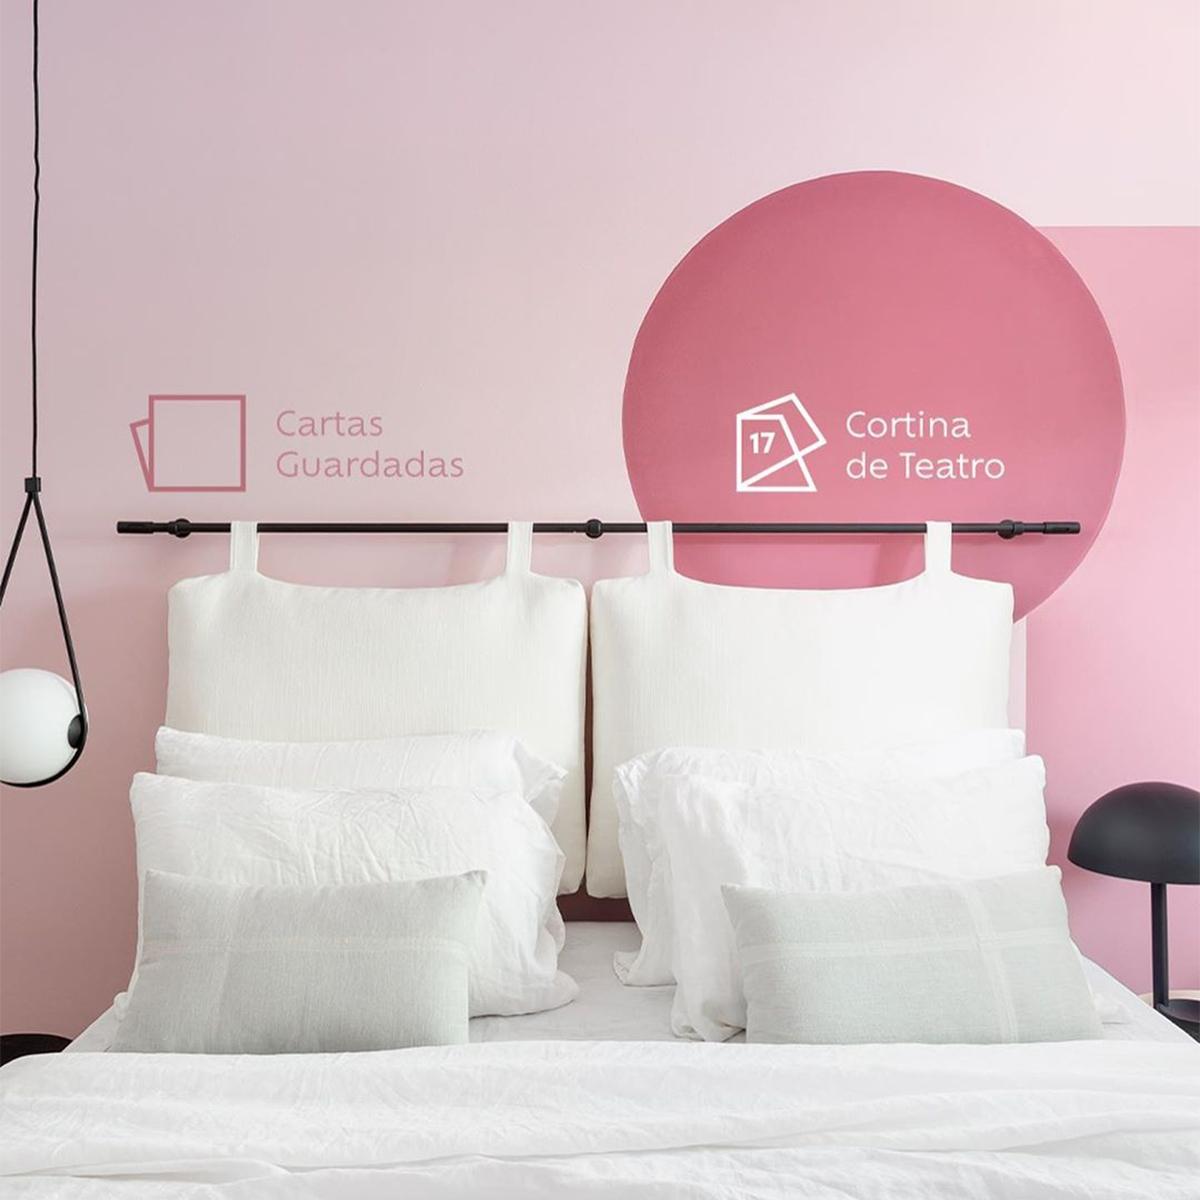 Foto de frente para uma cama com lençóis e travesseiros brancos. Ao fundo, uma parede pintada na cor Cartas Guardadas com o ícone de cor. Acima do lado direito da cama, um círculo pintado com a cor Cortina de Teatro e seu ícone de cor do ano 2017.